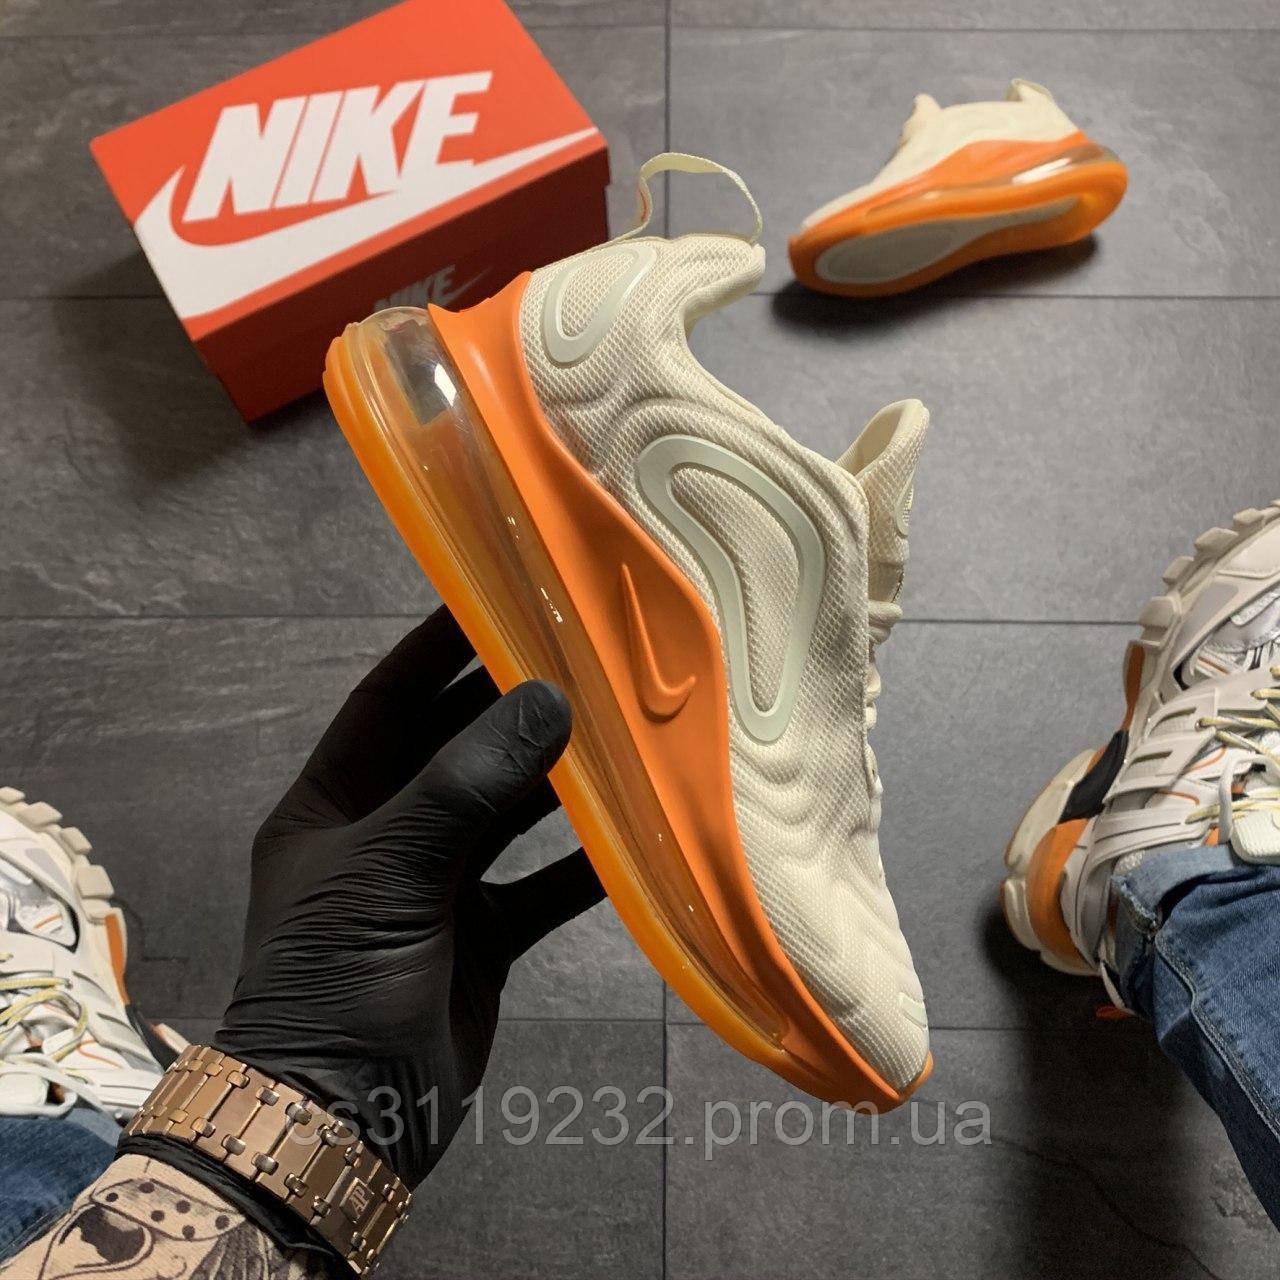 Жіночі кросівки Nike Air Max 720 Beige Orange (бежево-помаранчеві)